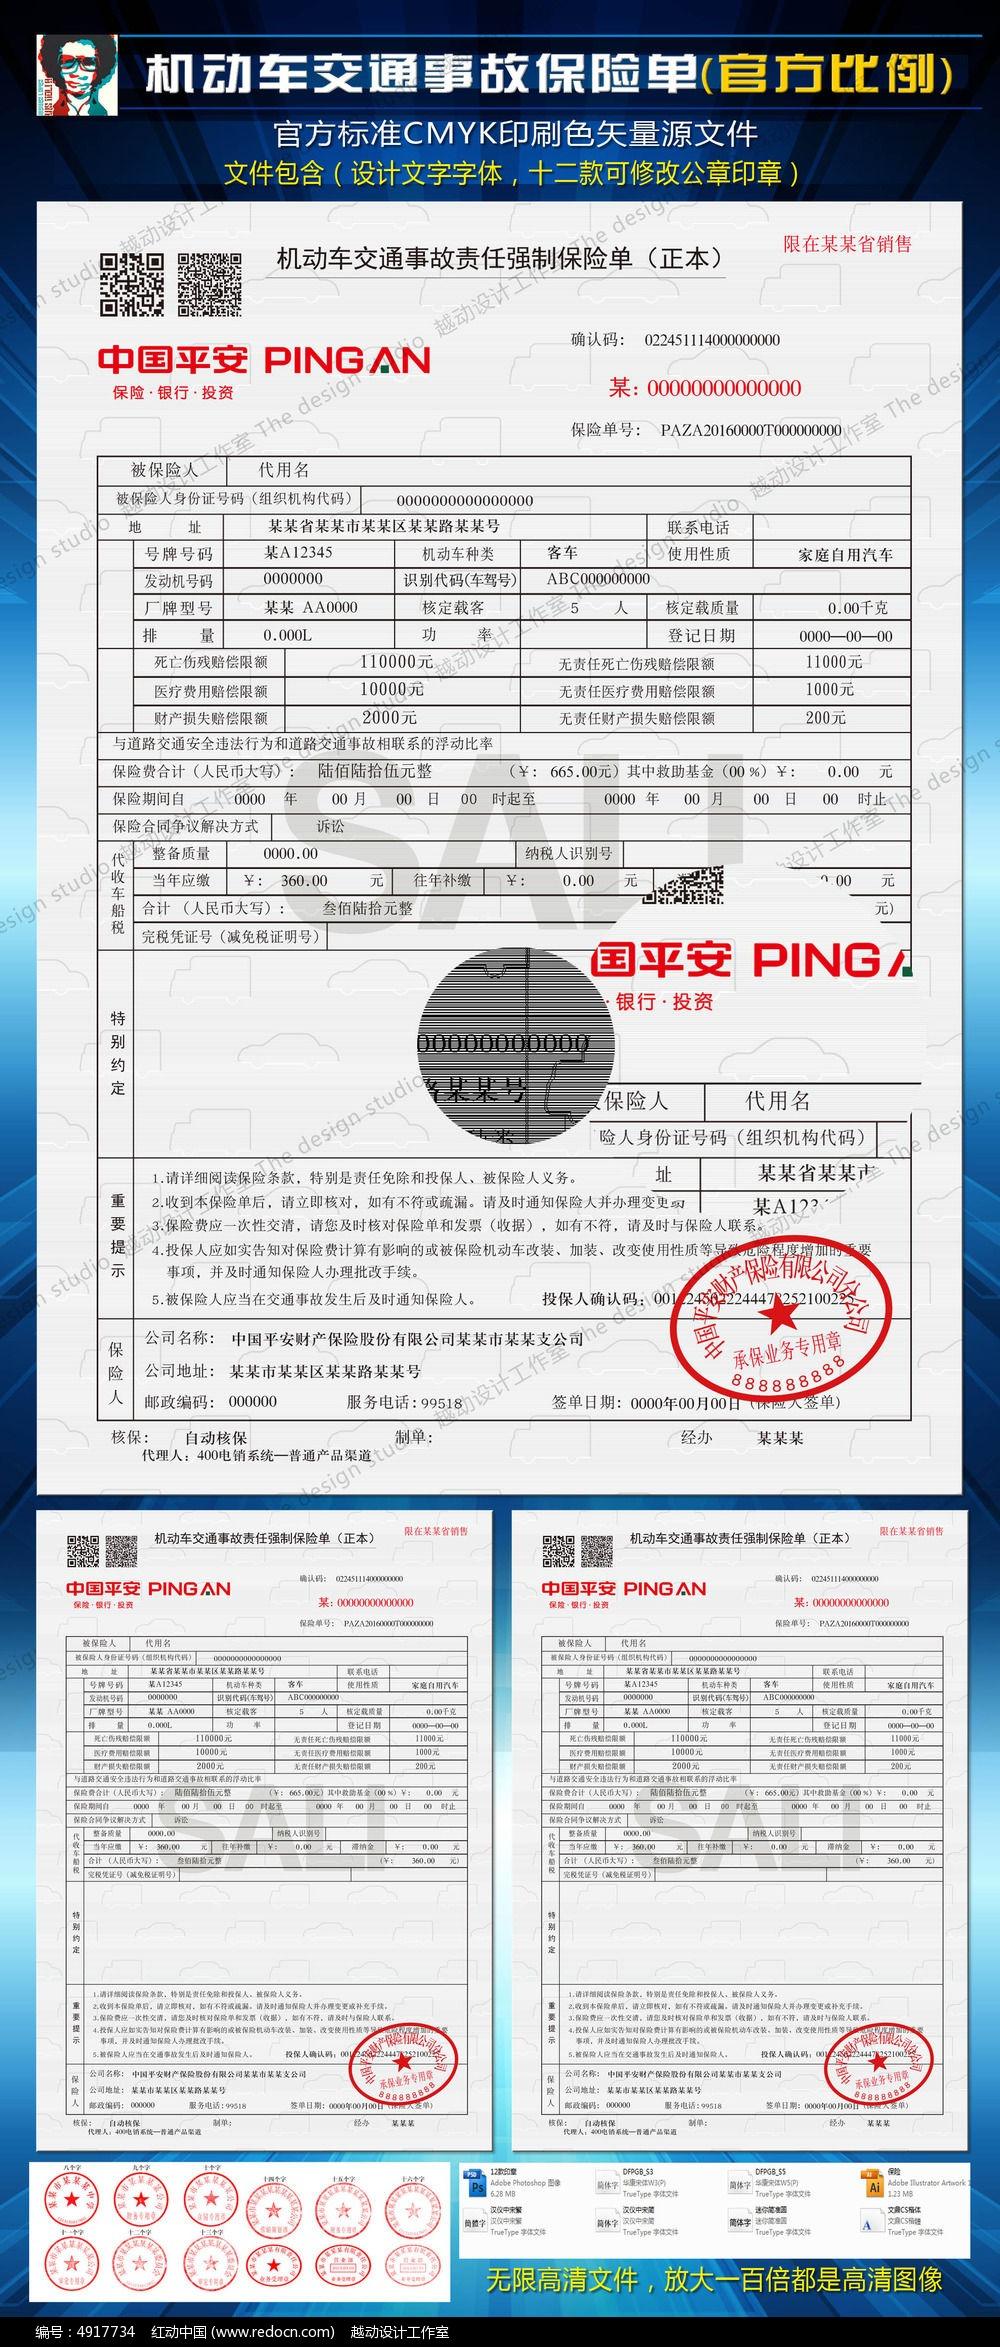 安瑞保险经纪(北京)有限公司法律风险查询 企查查